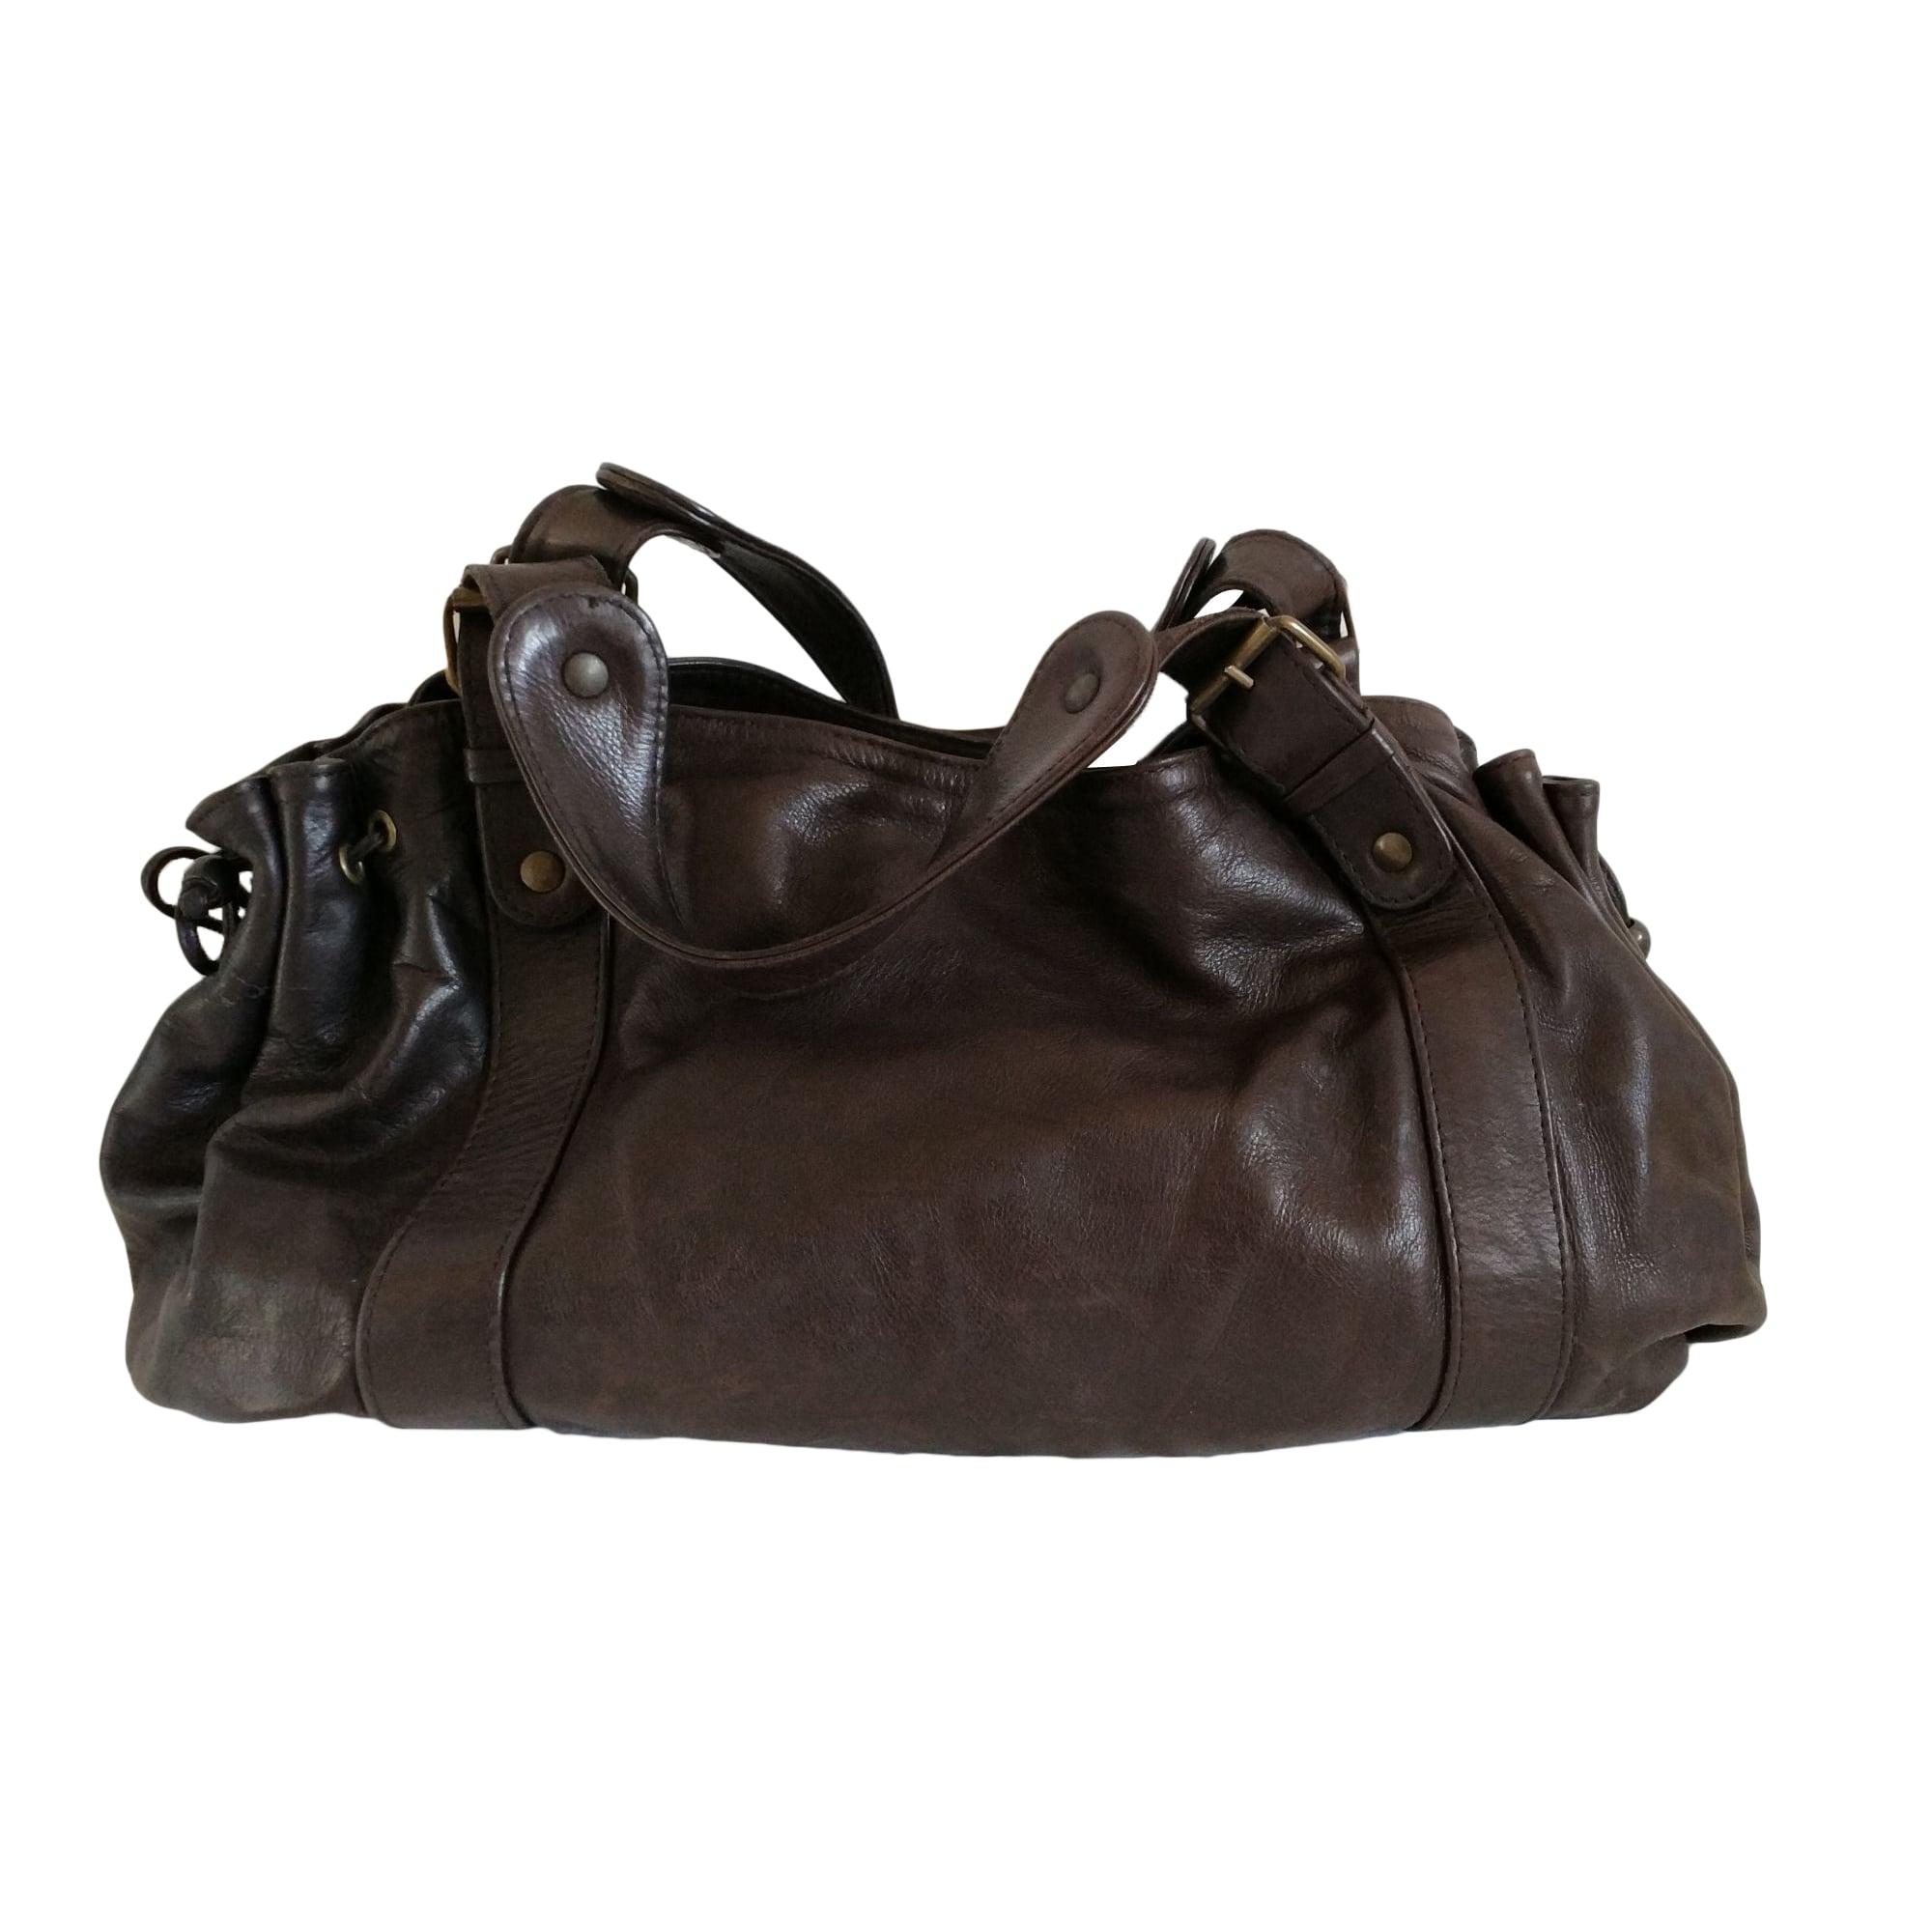 Sac à main en cuir GERARD DAREL marron vendu par Eve1311 - 8097725 57e7a99713f4